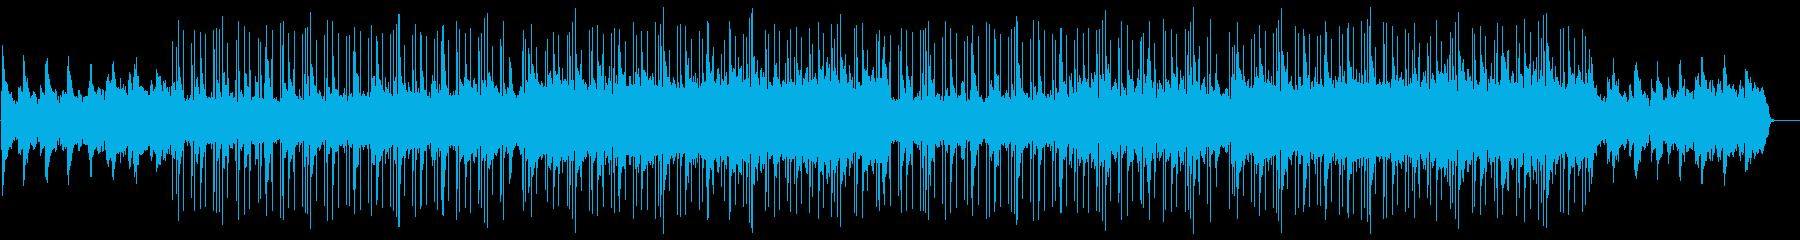 エンディングヒップホップ・哀愁感・夕焼けの再生済みの波形